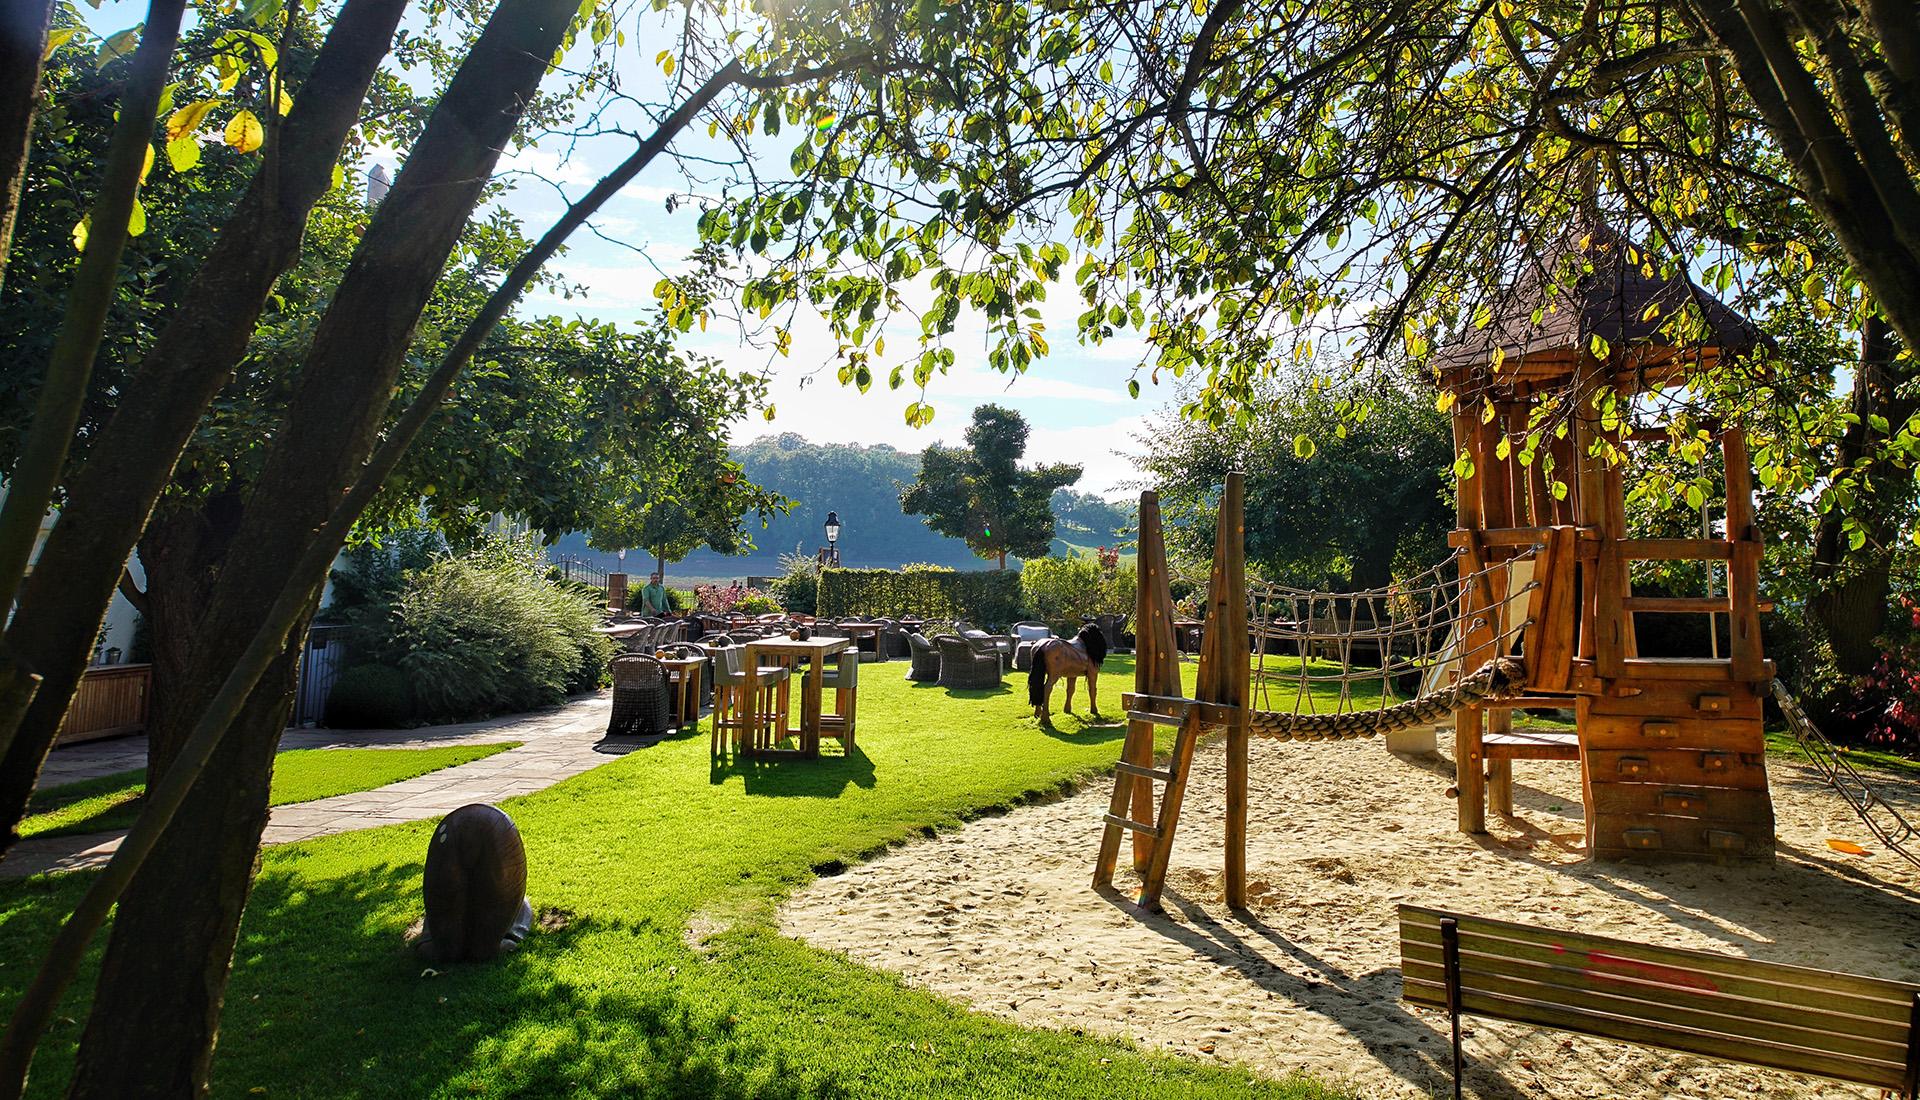 Der Kinderspielplatz des Waldschlösschen Dagobertshausen